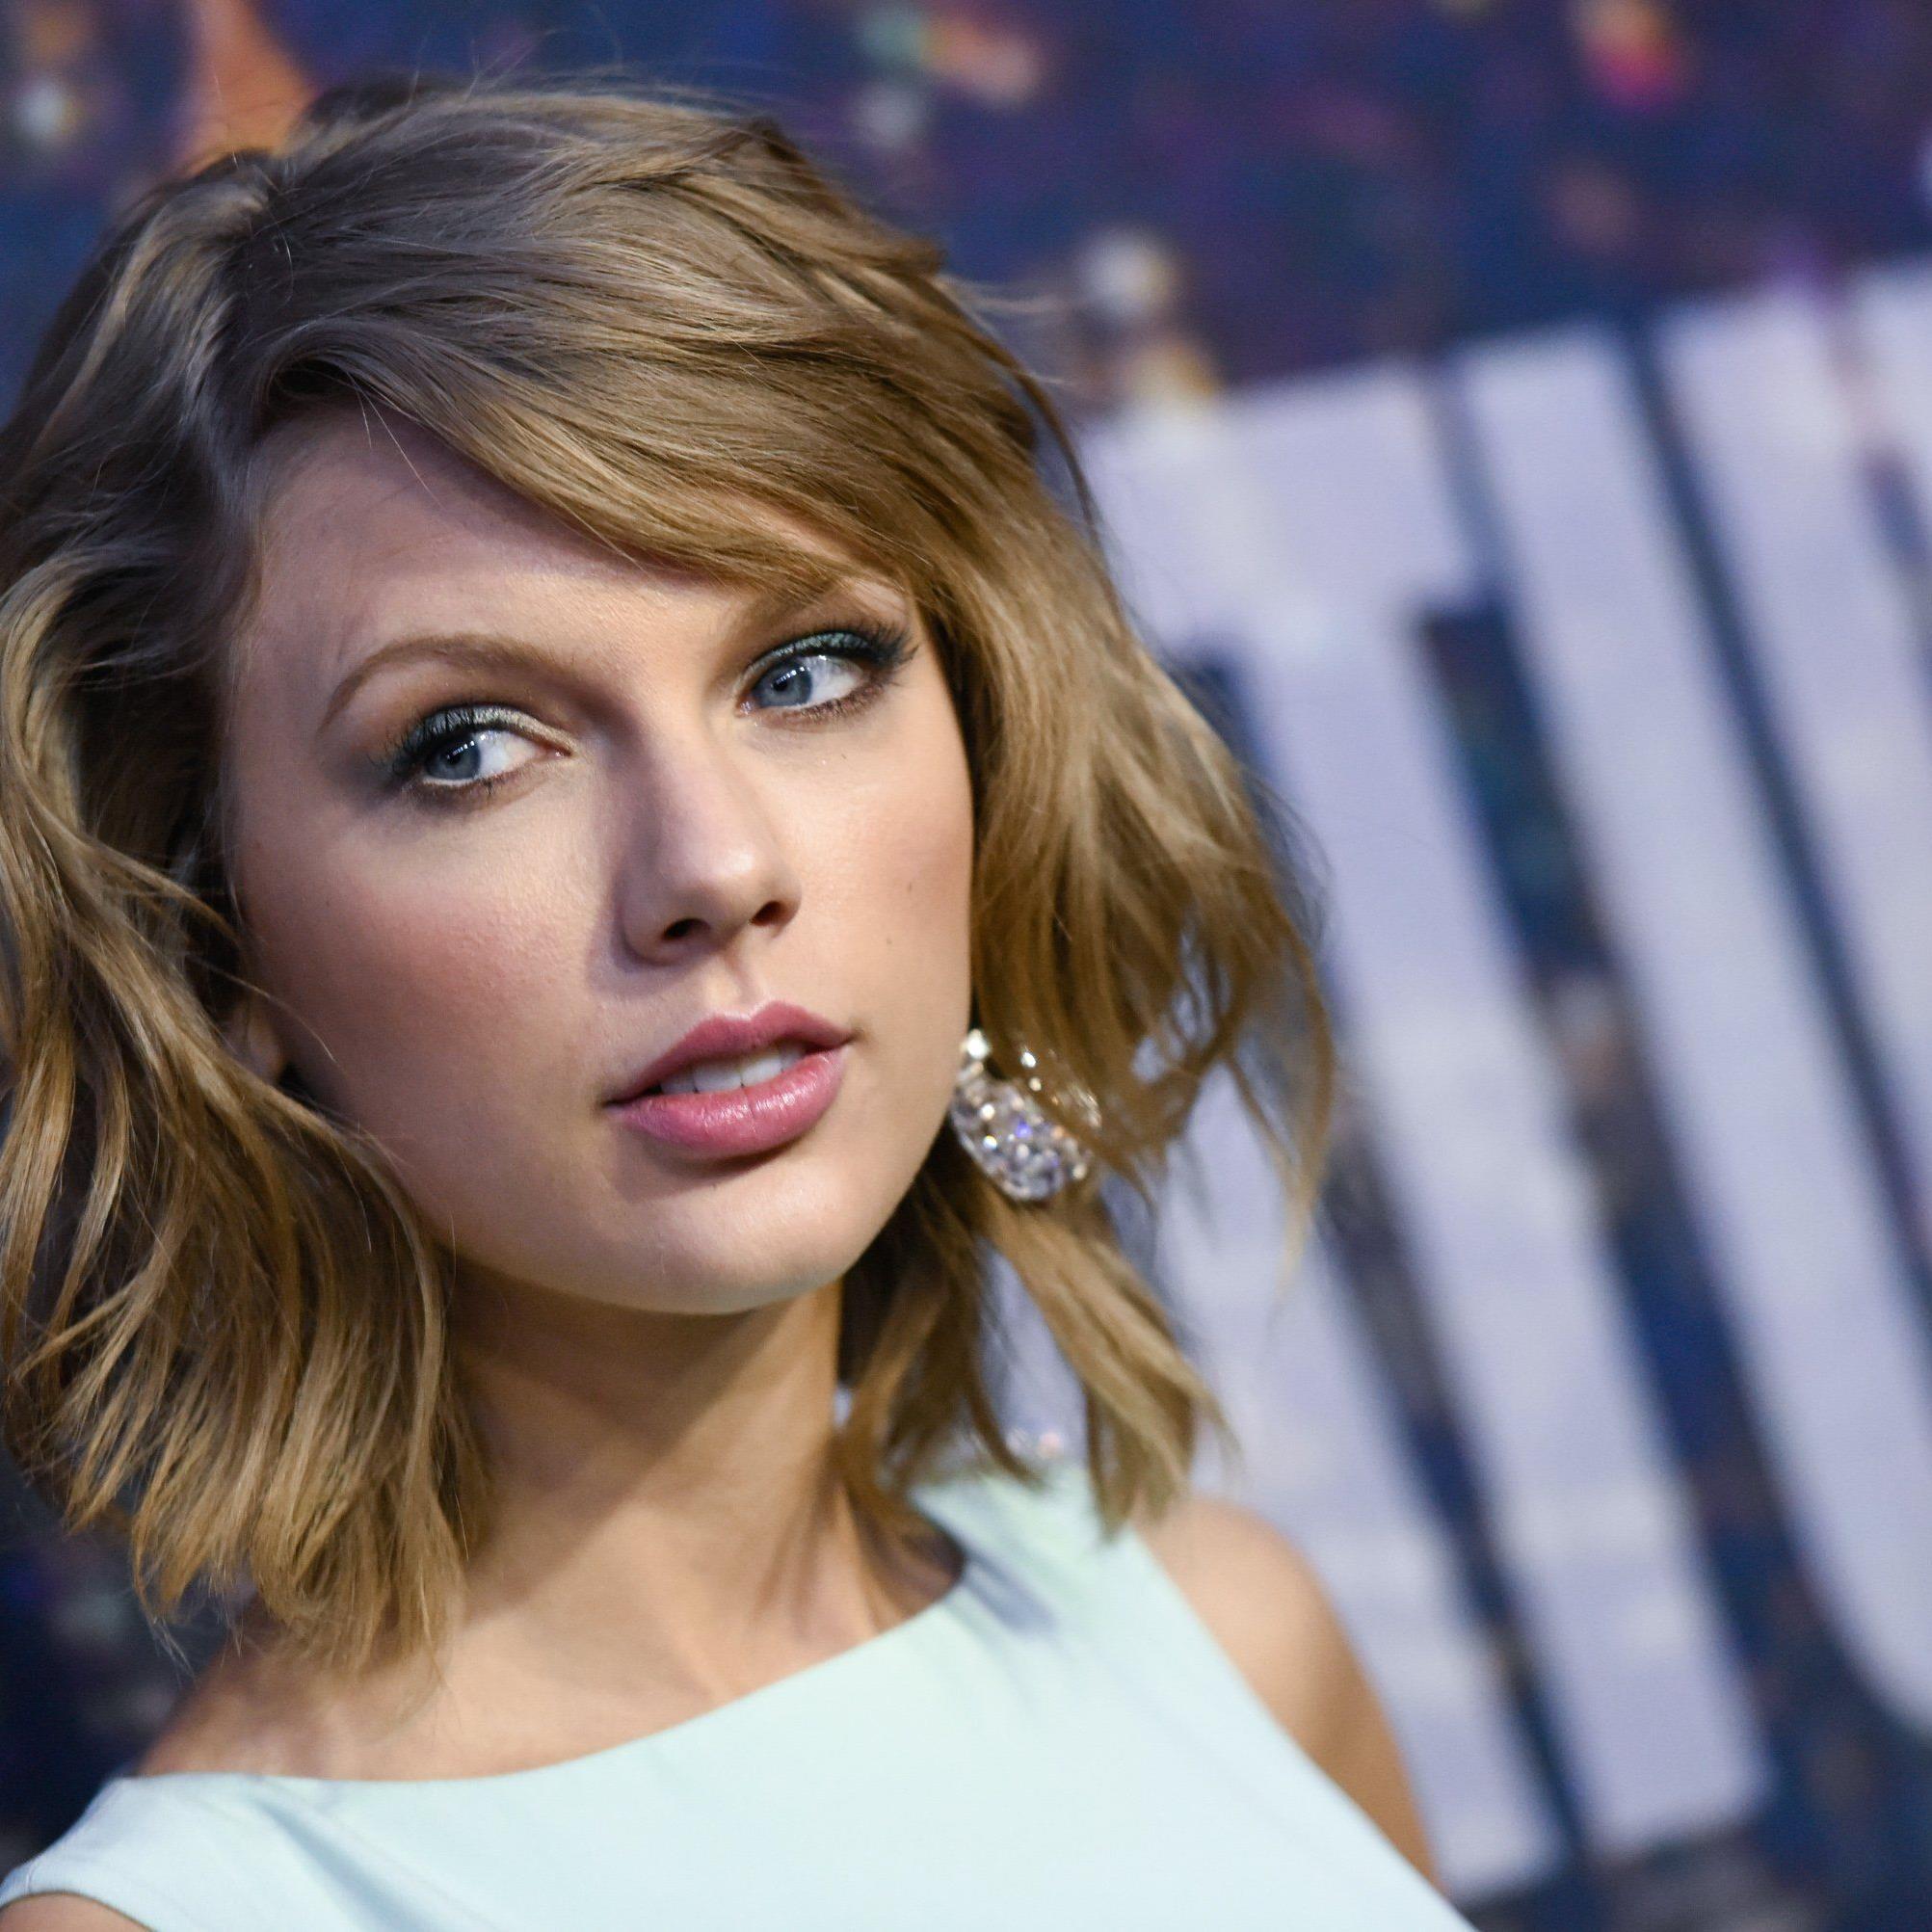 Taylor Swift will verhindern, dass ihr Name für Pornoseiten missbraucht wird.